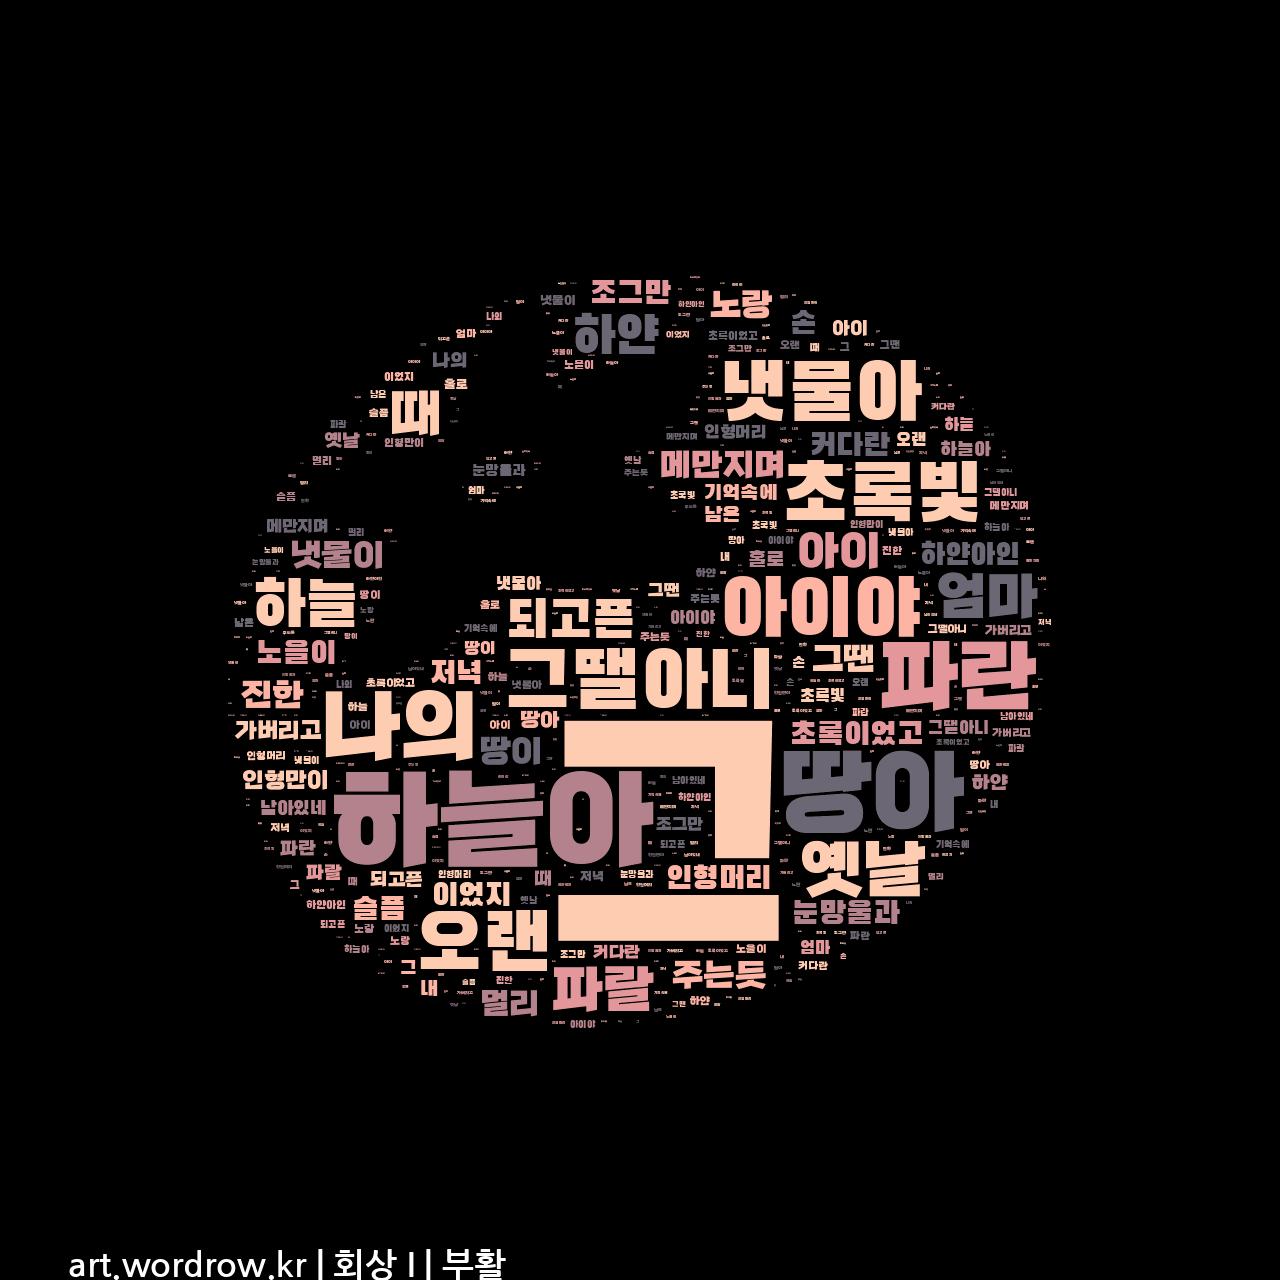 워드 클라우드: 회상 I [부활]-8